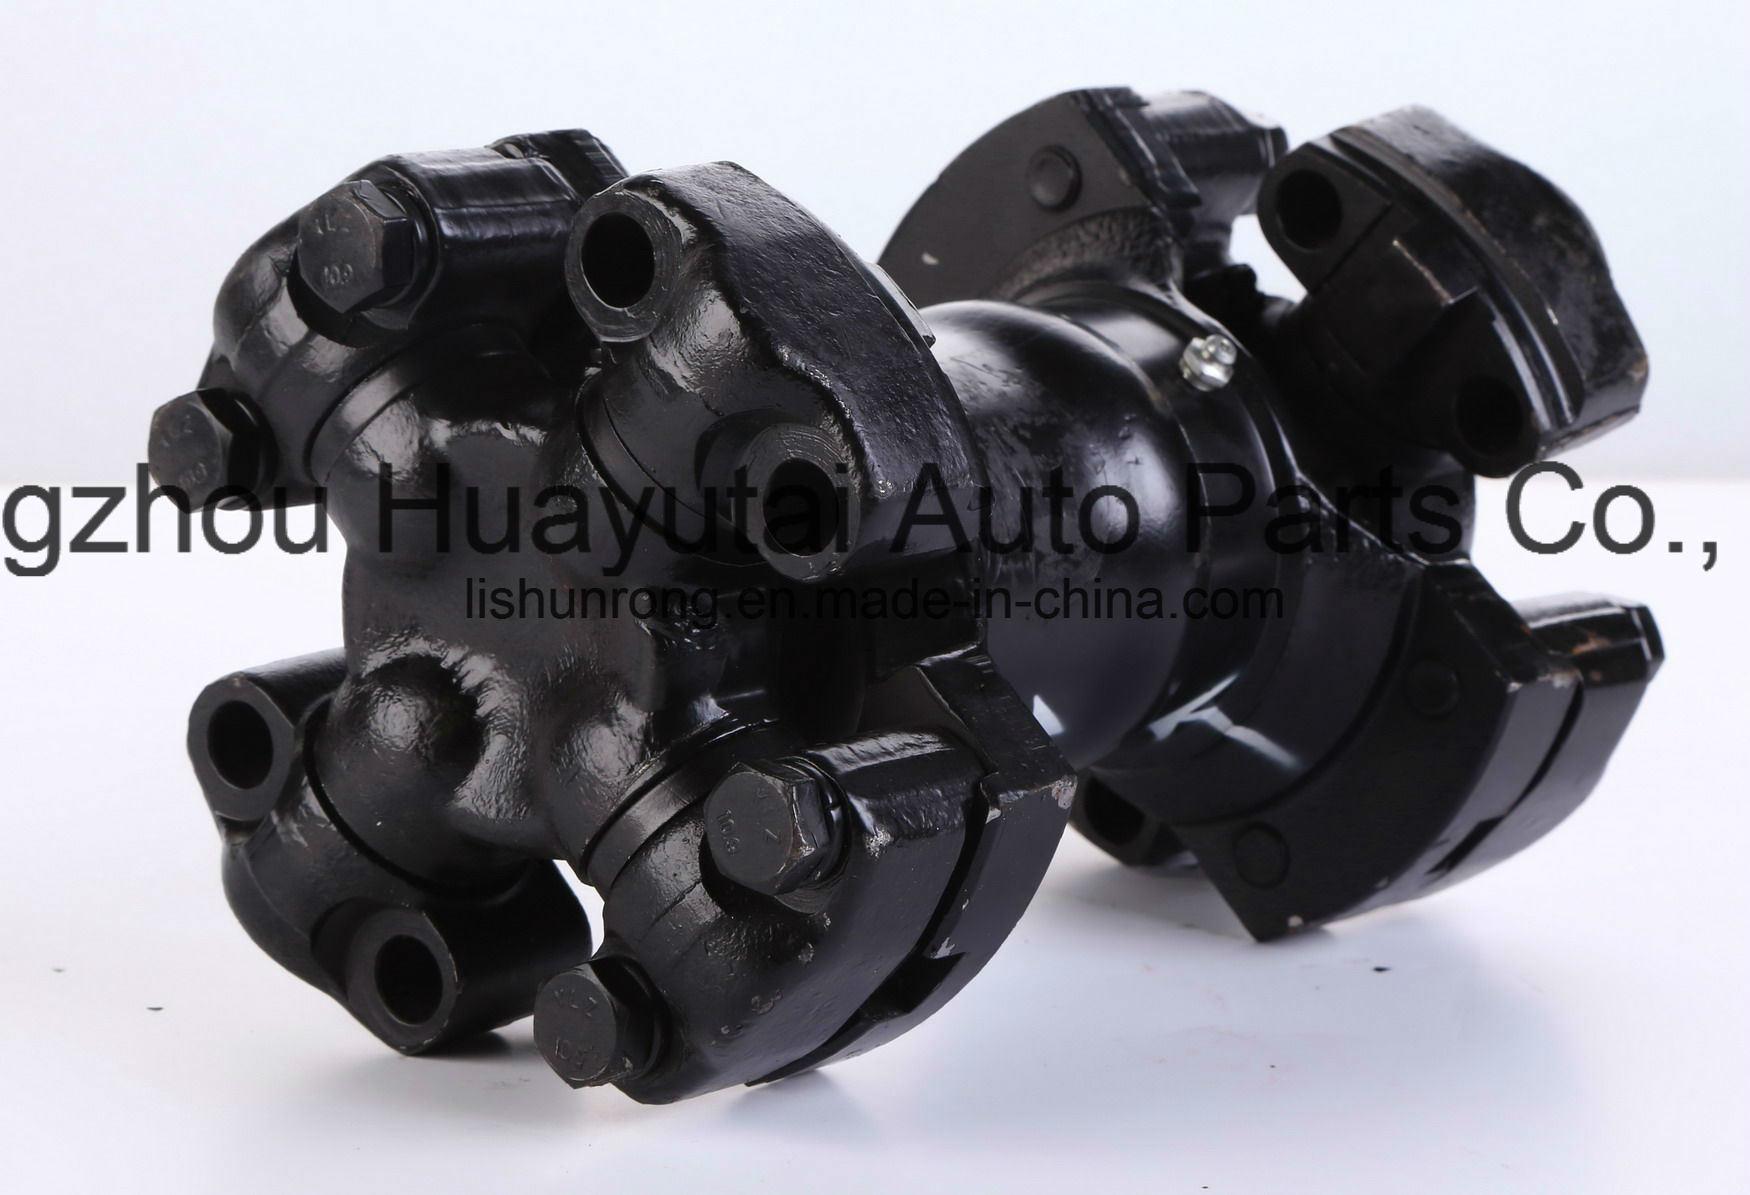 Permalube Universal Joint, 5-6106xpl, 5-7105xpl, 5-8105xpl, 5-9011xpl, 5-9017xpl